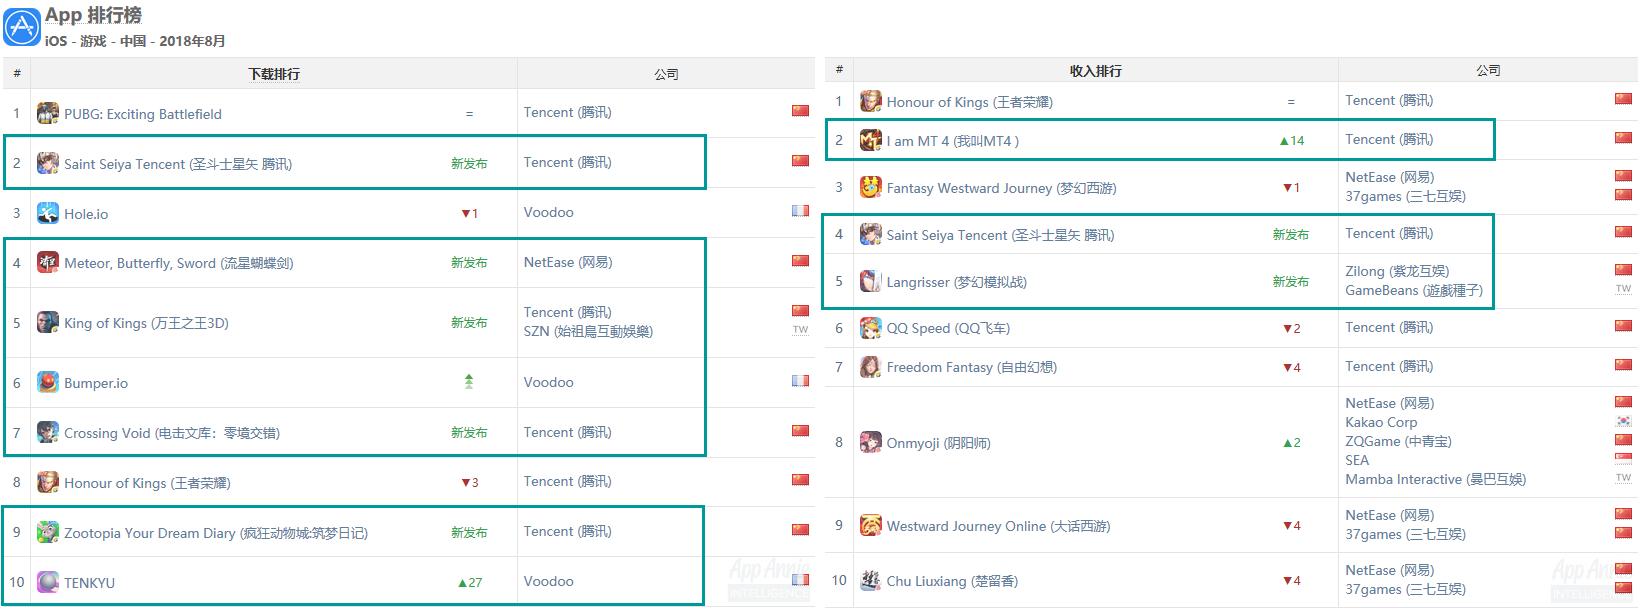 App Annie发布了8月全球手游指数报告